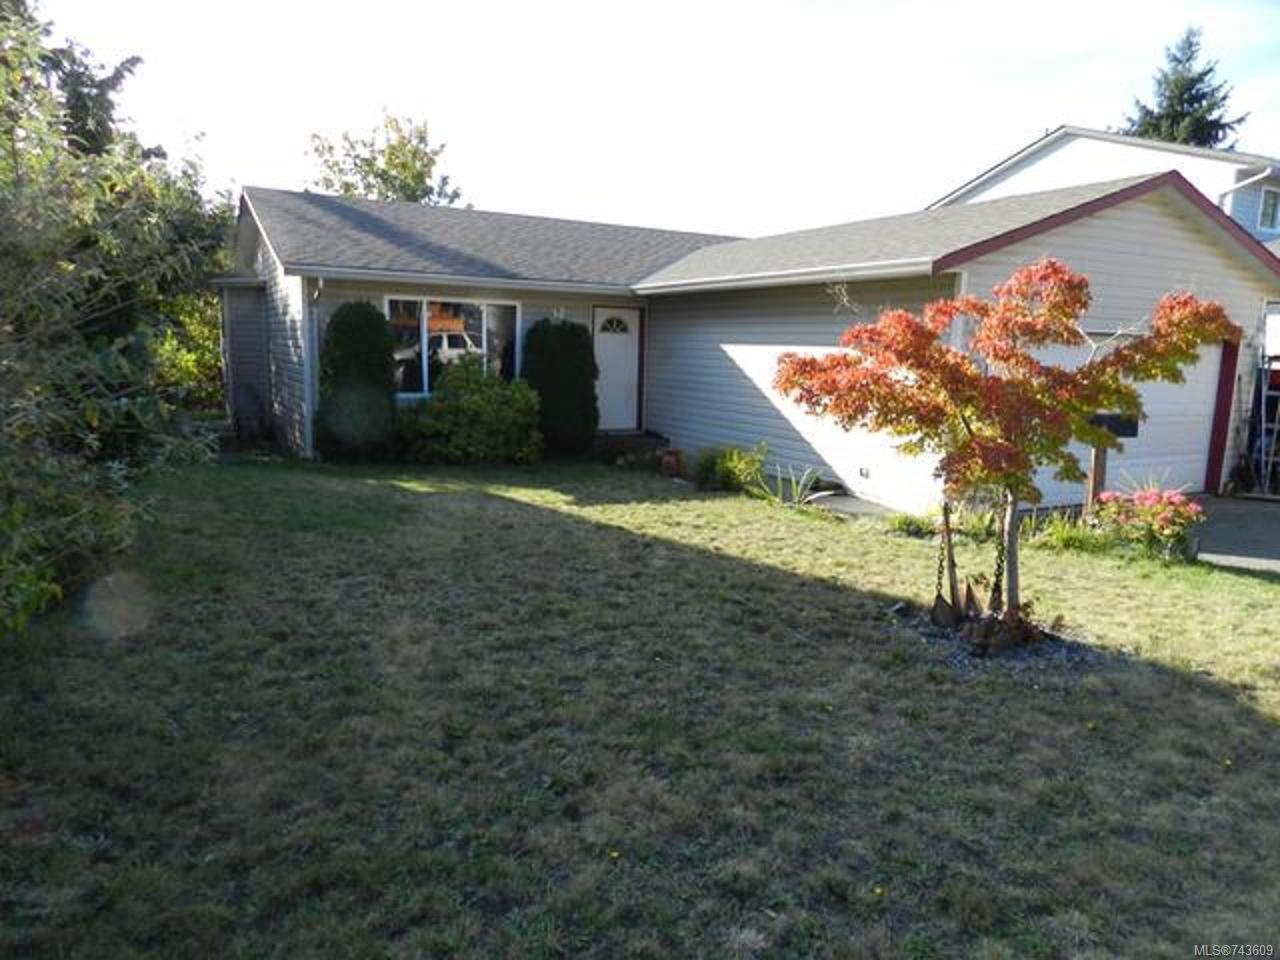 Main Photo: 2465 CRYSTAL BROOK Way in NANAIMO: Na Diver Lake House for sale (Nanaimo)  : MLS®# 743609